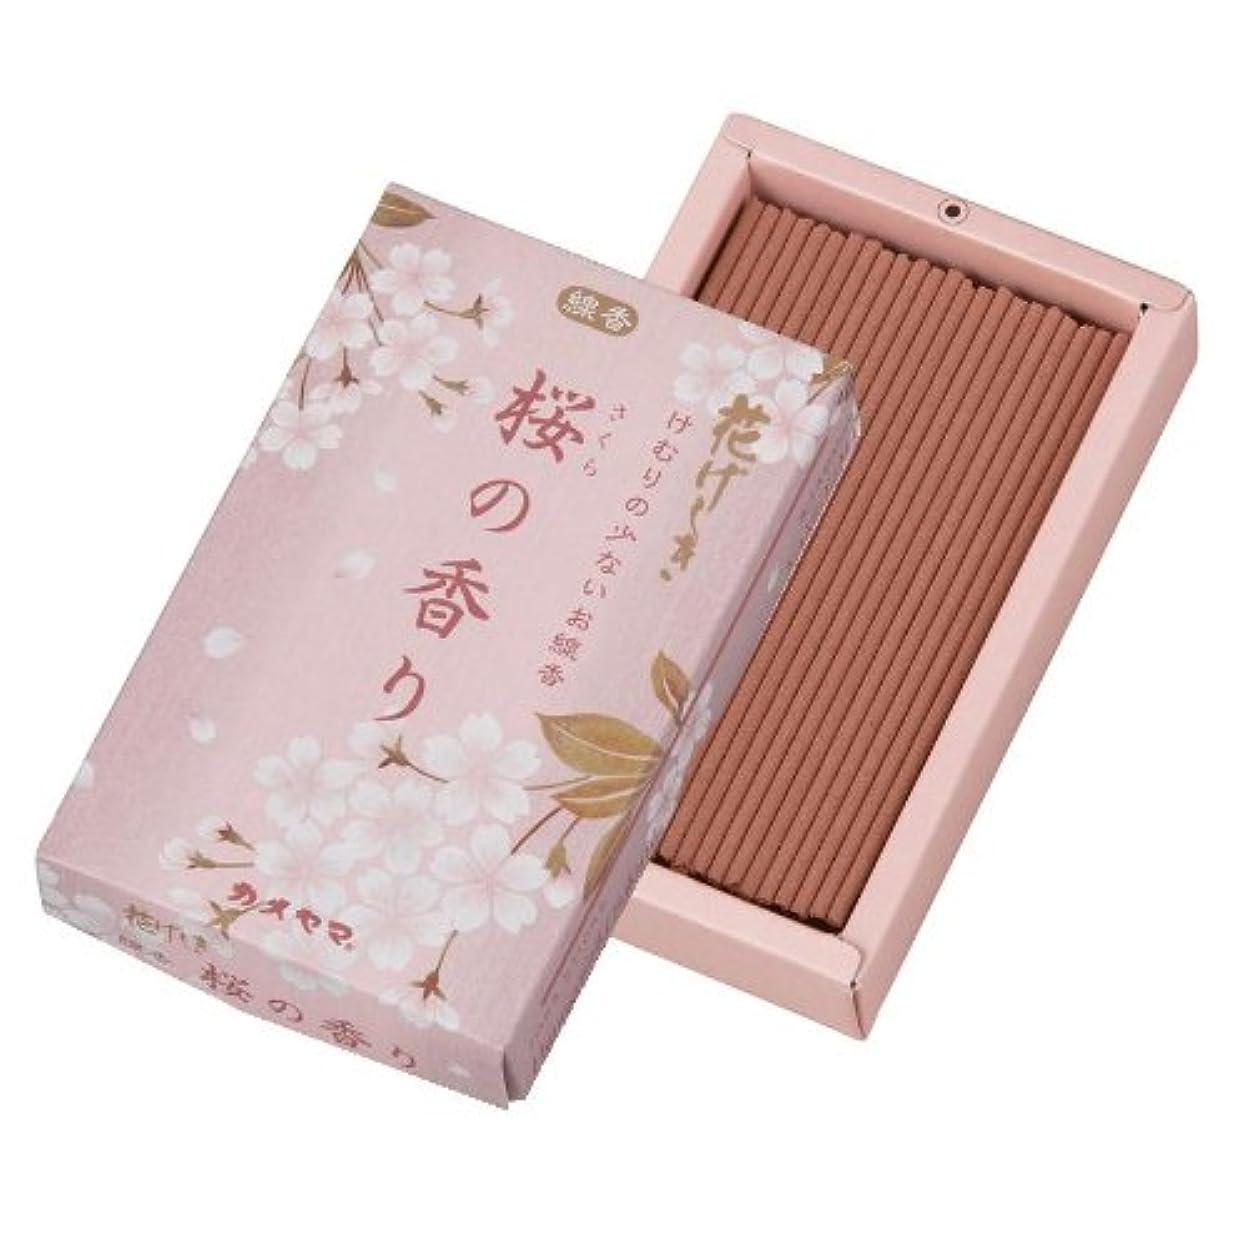 十分手段段落花げしき 桜の香りミニ寸 50g